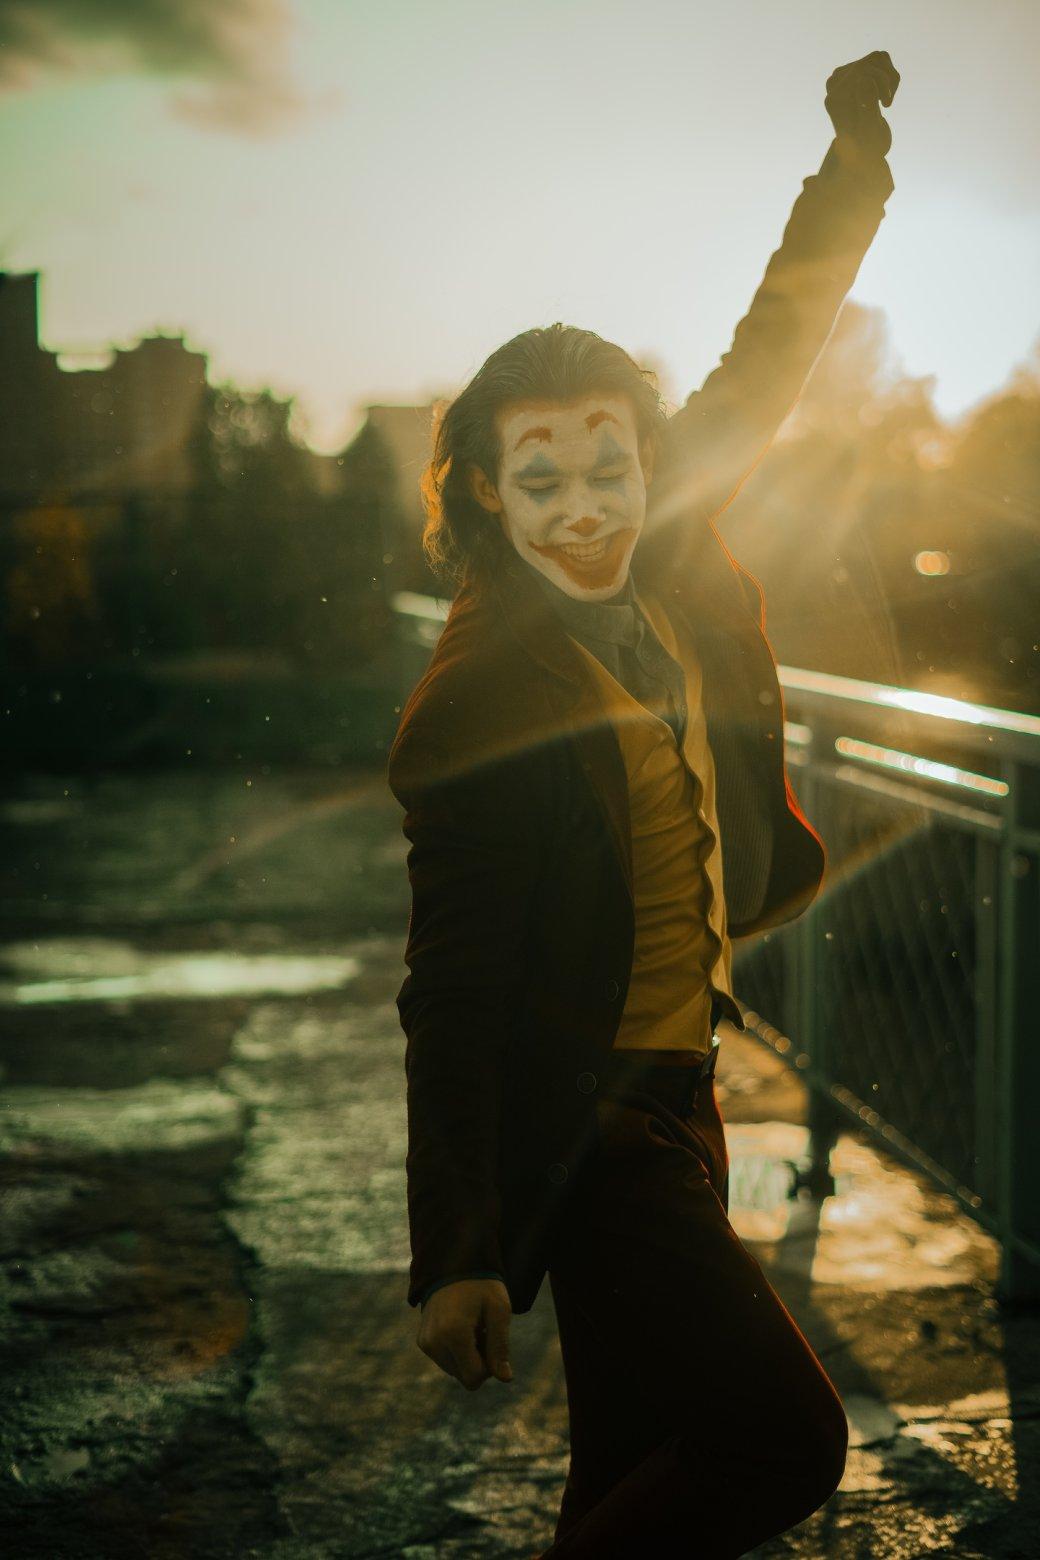 Безумный и грустный Джокер пляшет в новом косплее | Канобу - Изображение 8